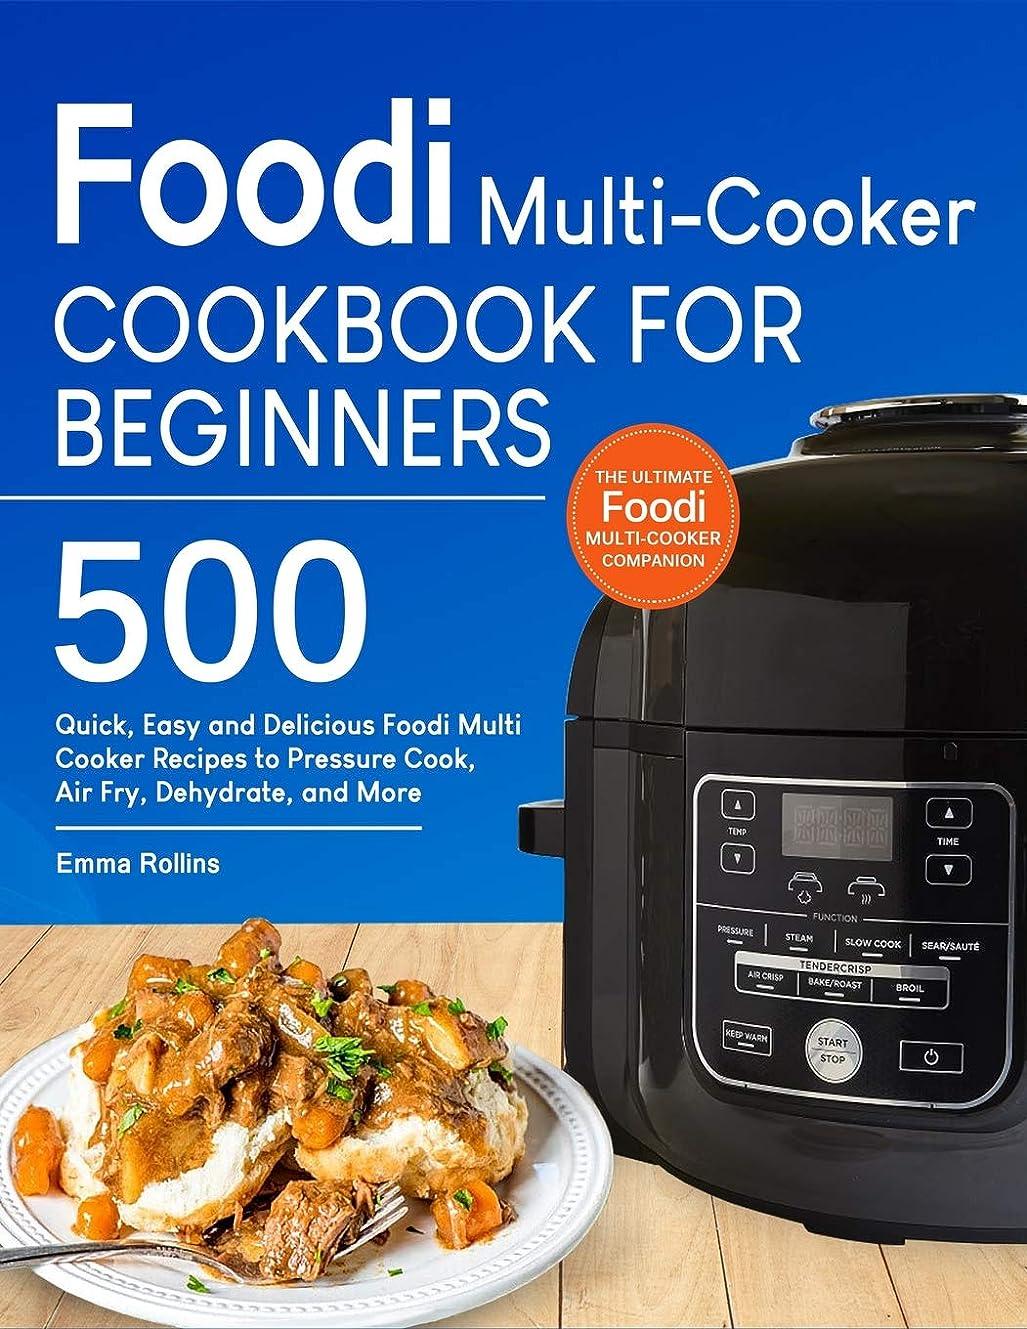 静かな乗って決してFoodi Multi-Cooker Cookbook For Beginners: Top 500 Quick, Easy and Delicious Foodi Multi-Cooker Recipes to Pressure Cook, Air Fry, Dehydrate, and More